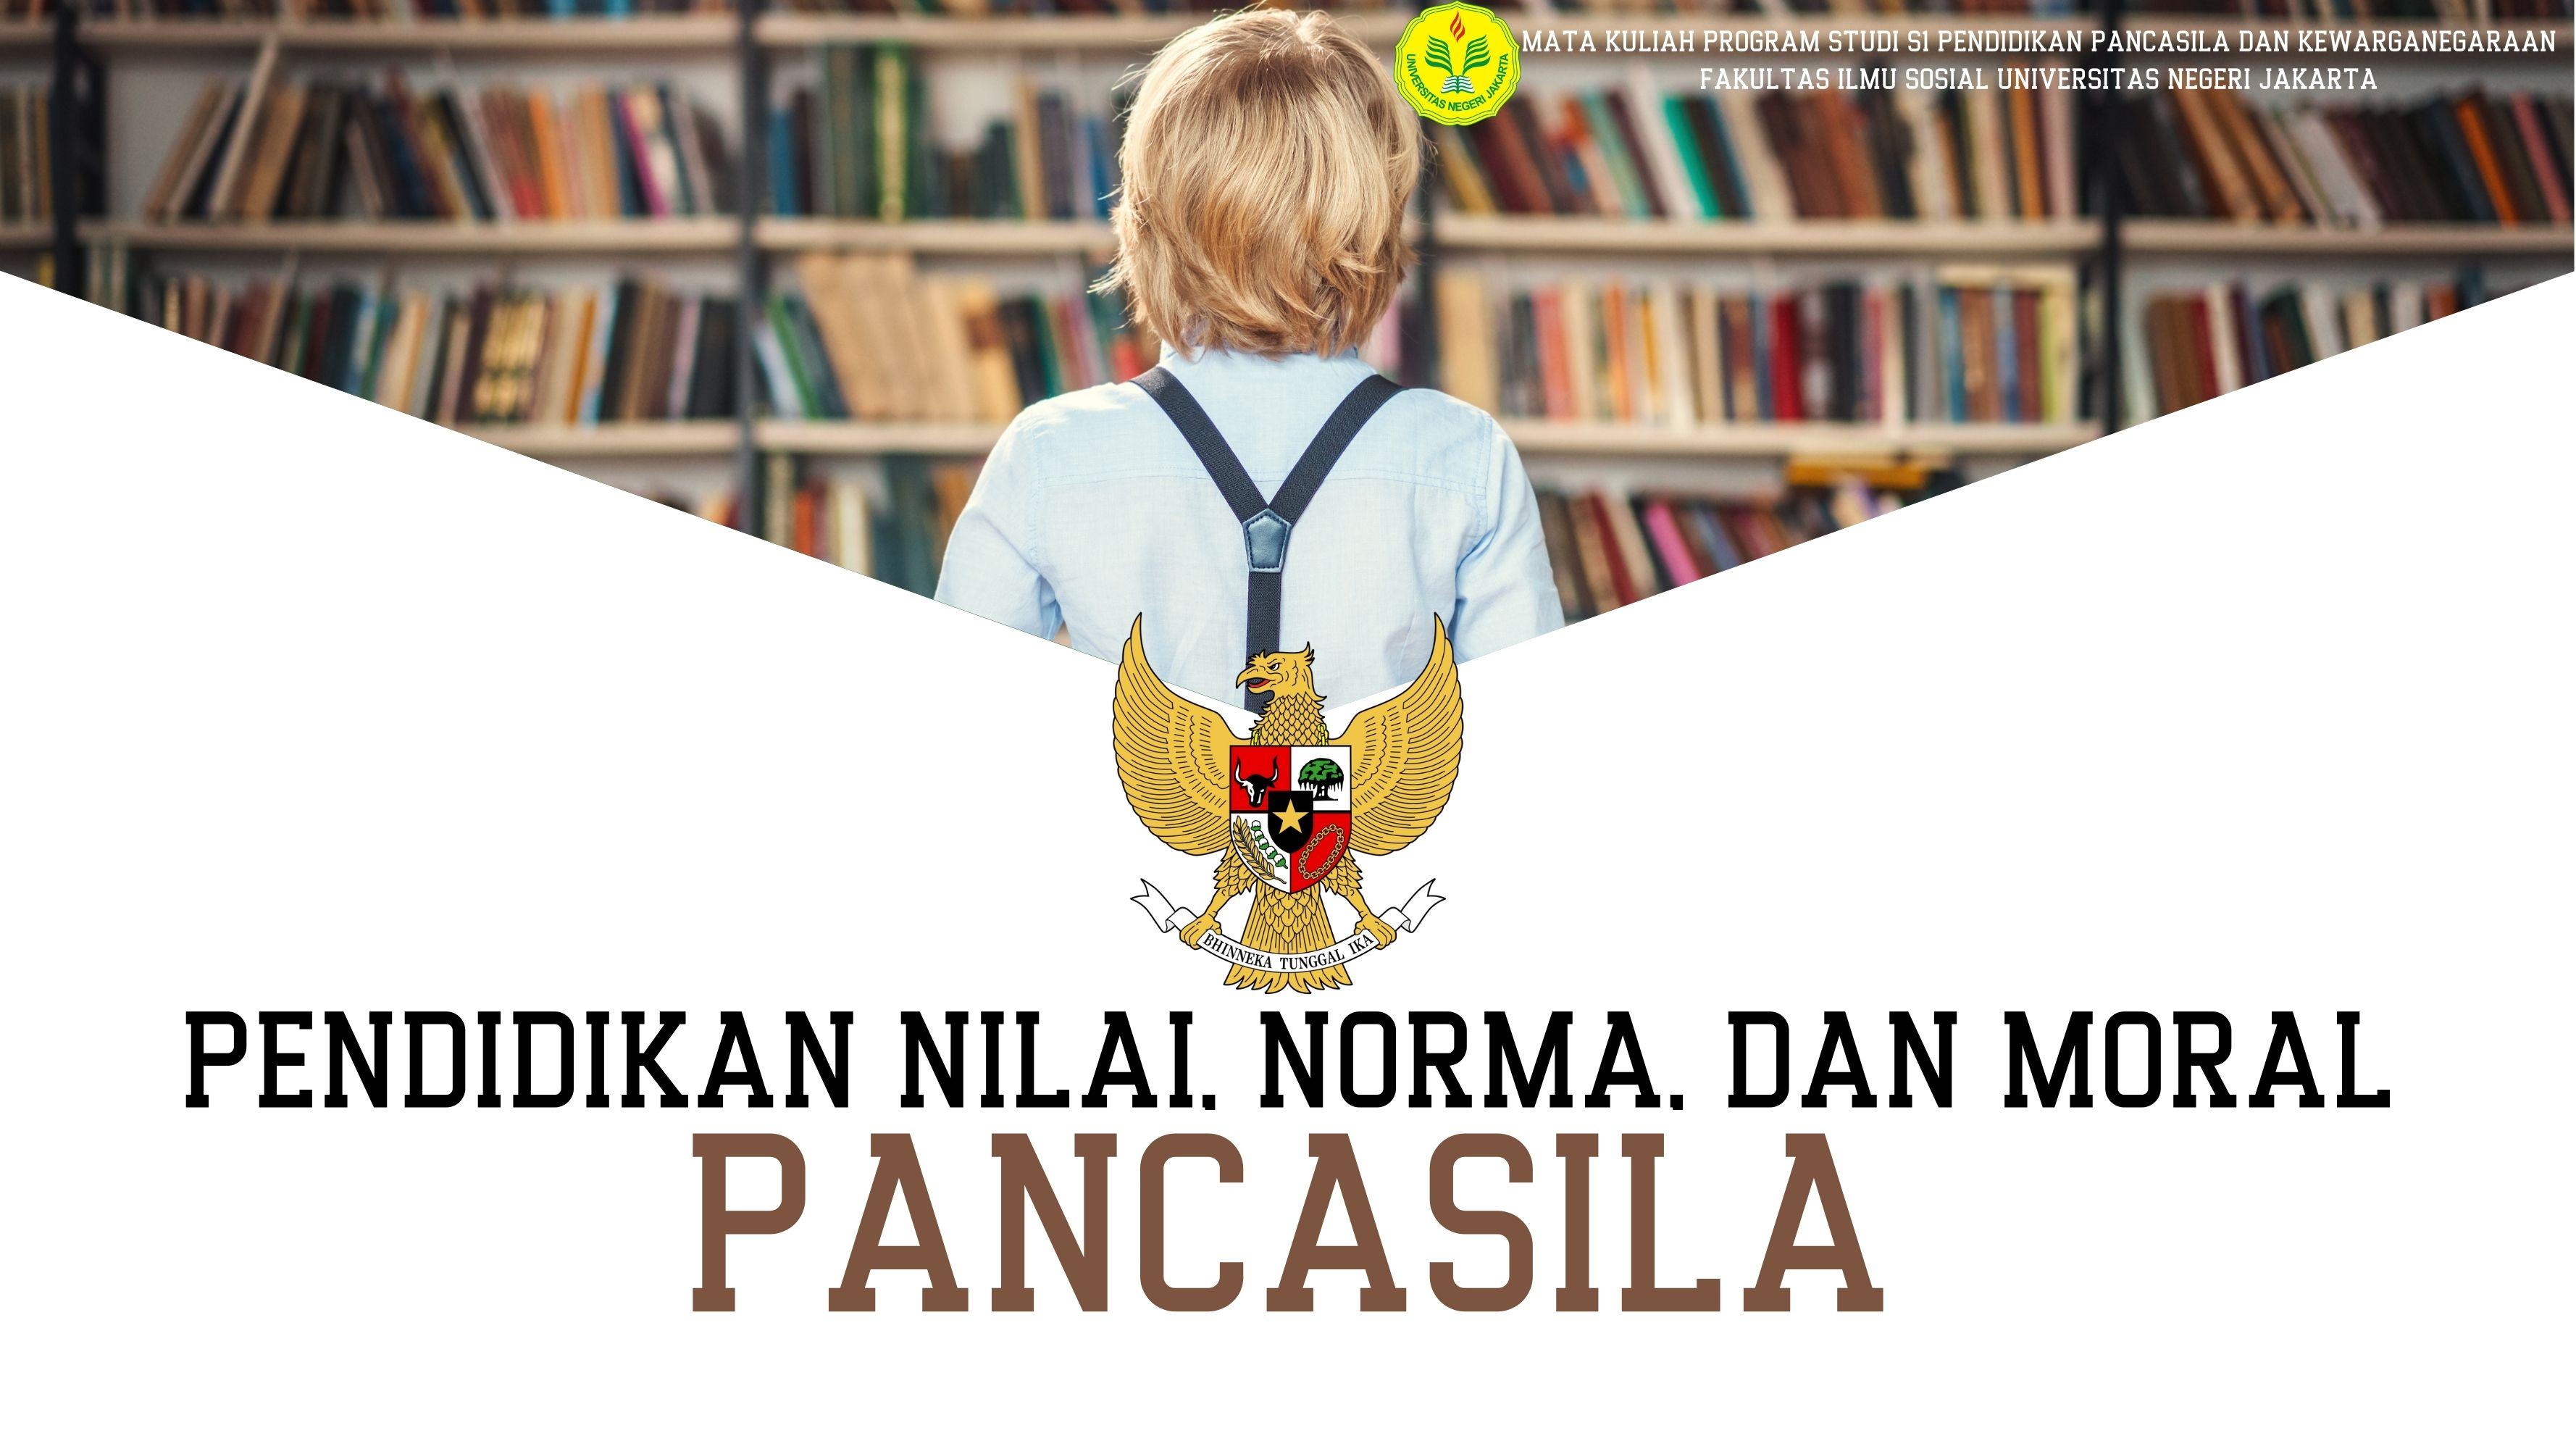 Pendidikan Nilai, Norma, dan Moral Pancasila - PPKN 2019 A